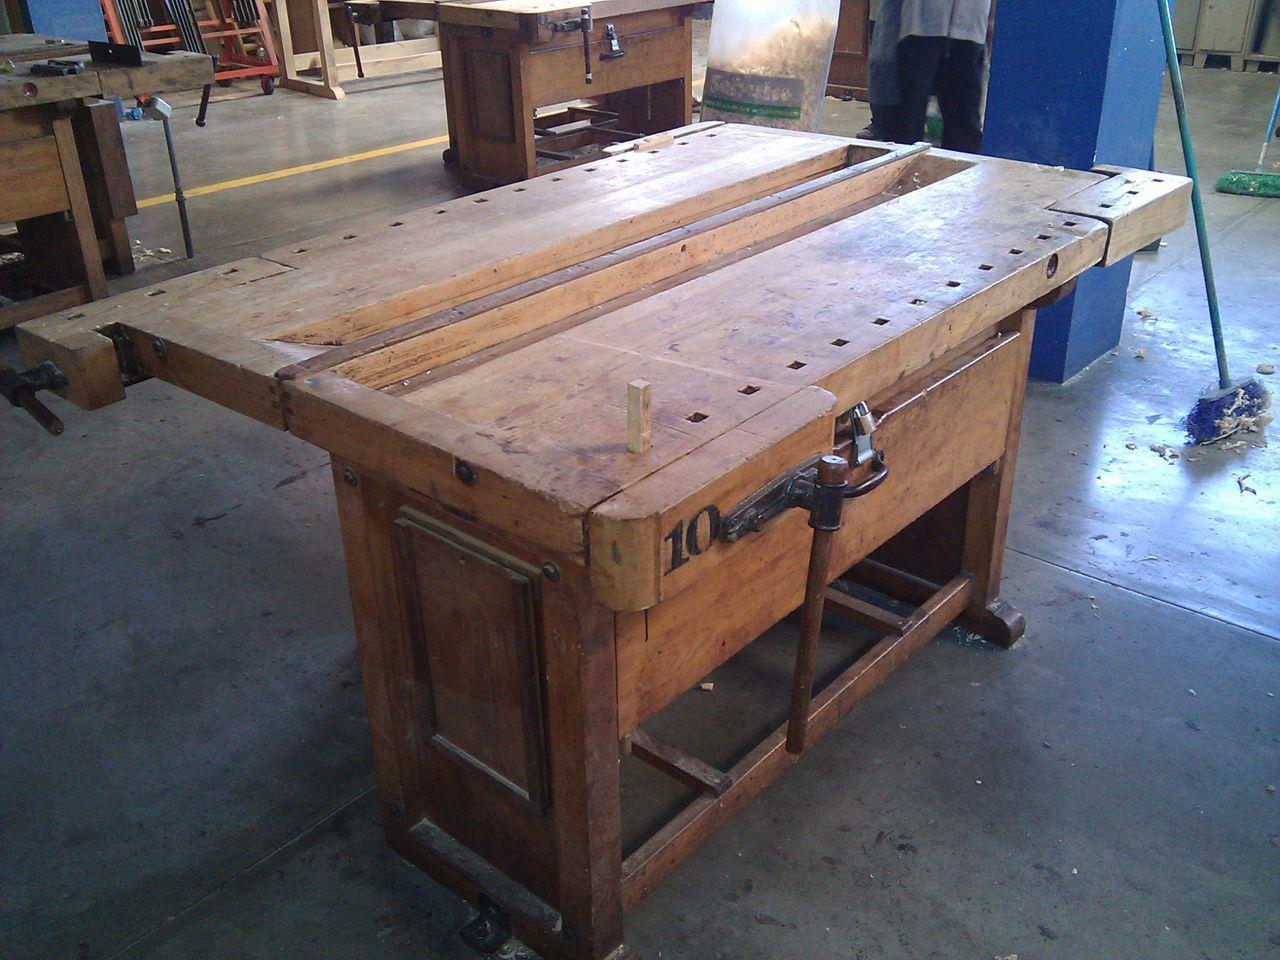 Bancos de carpintero buscar con google herramienta - Carpintero de madera ...